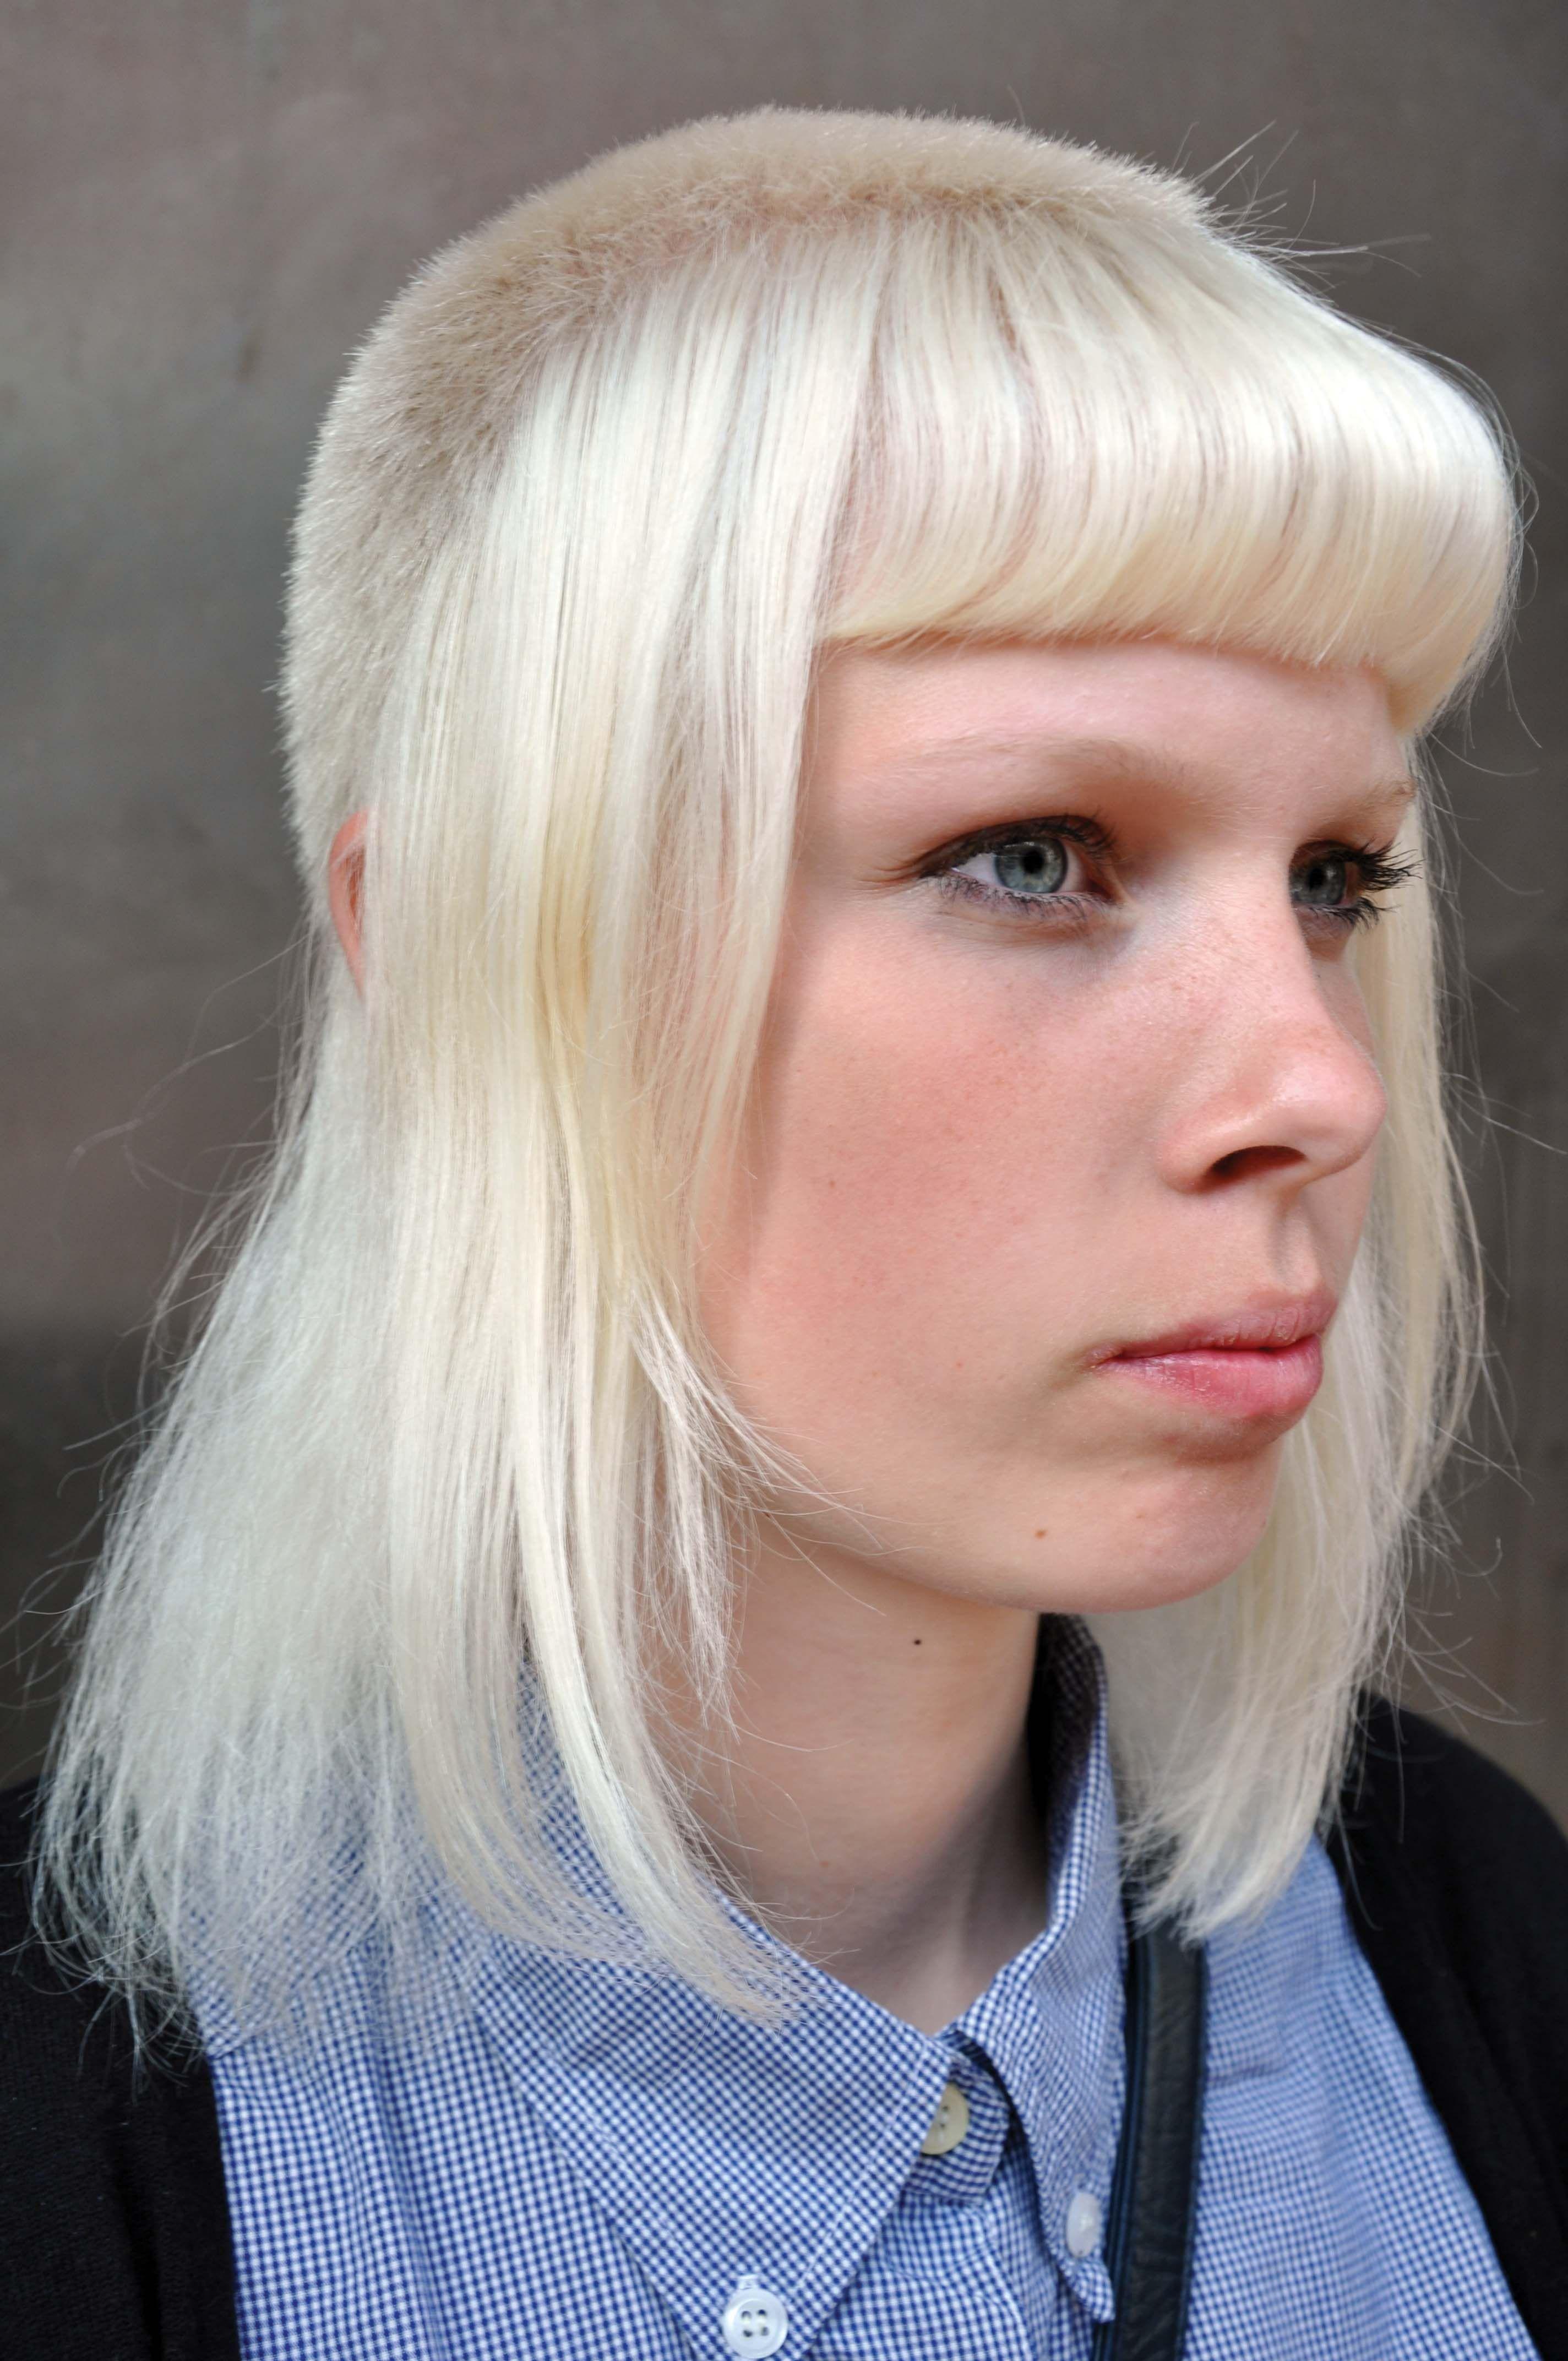 swedish skinhead girl | hair | skinhead girl, skinhead